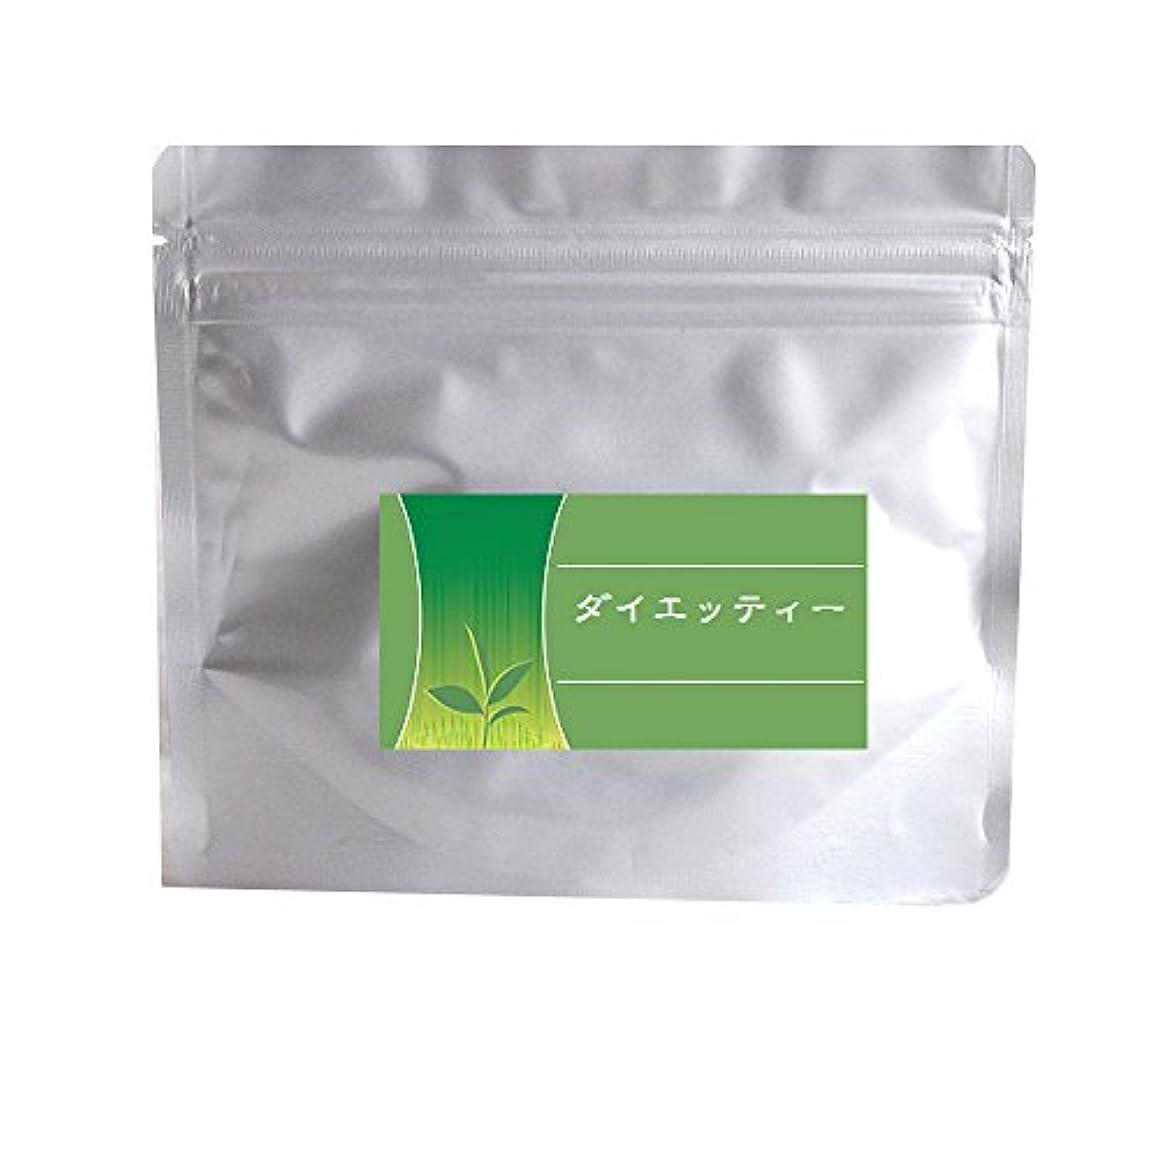 乱れ国民誤解するダイエット茶 ダイエッティー70g